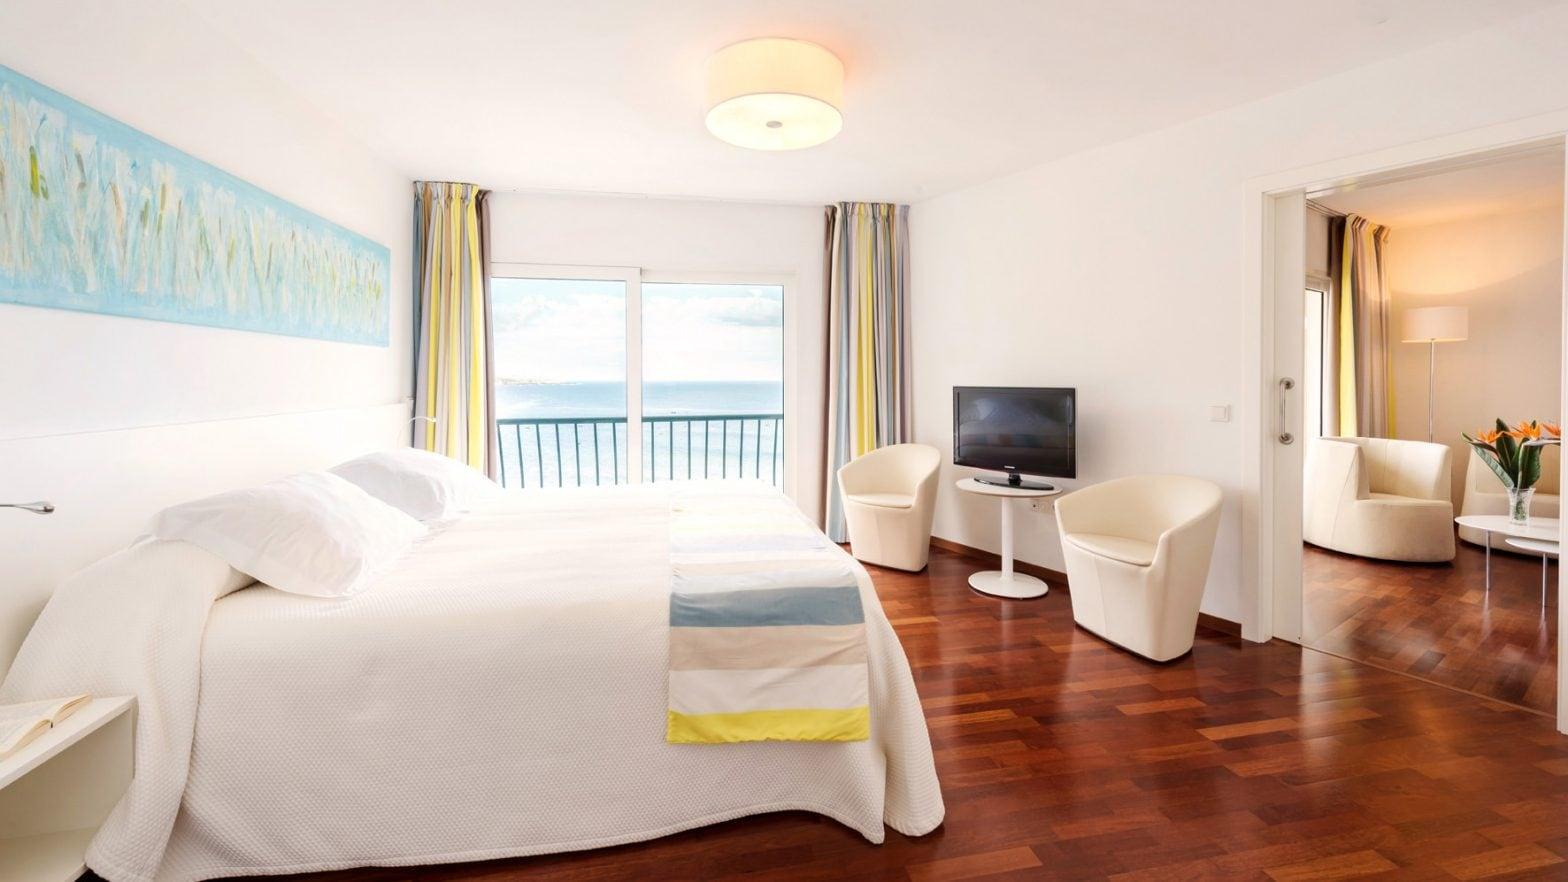 Design_Suite_hotel_oceano_teneriffa_1